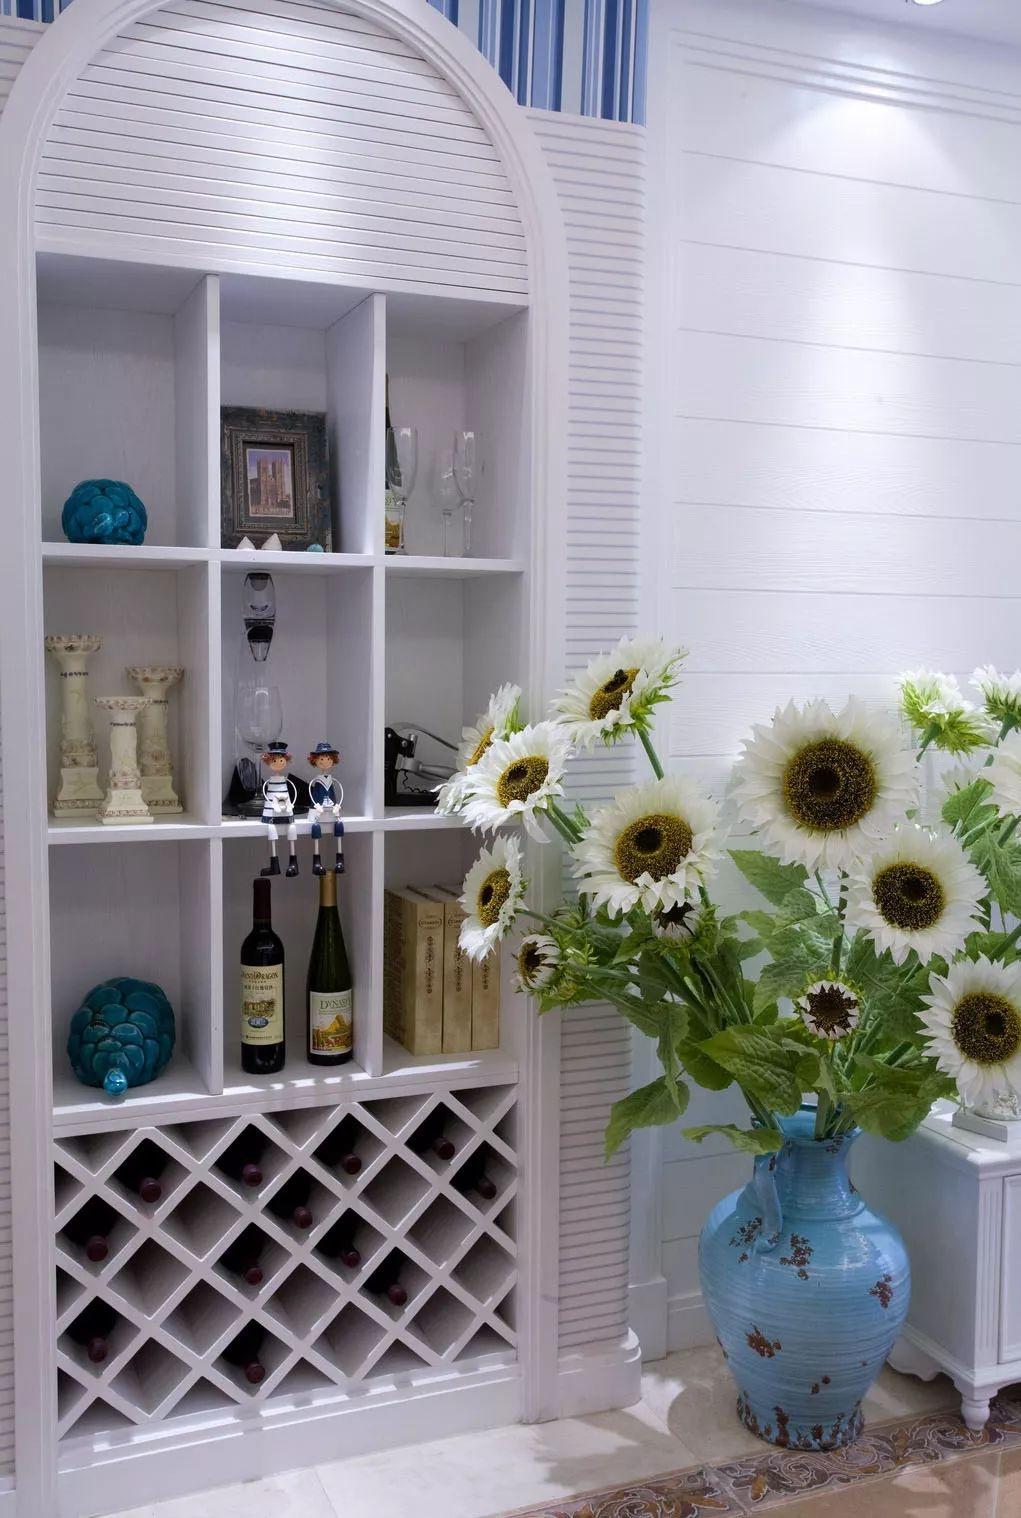 三居室地中海风格壁龛酒柜装修效果图